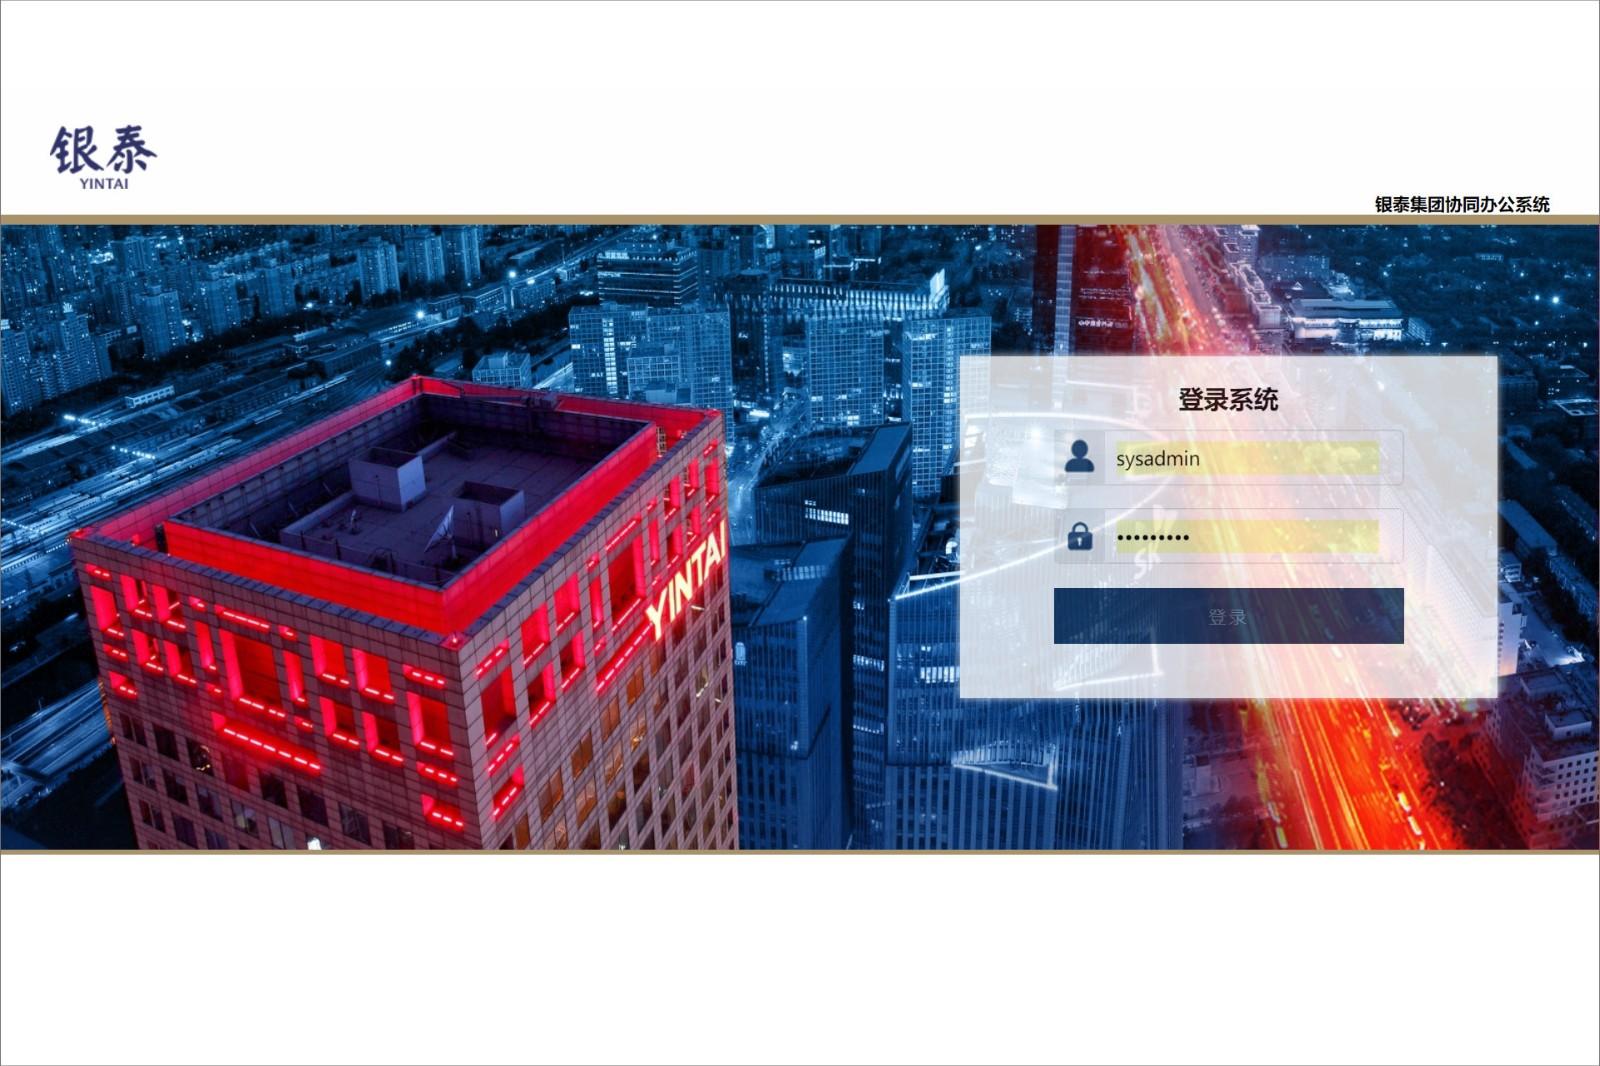 中国银泰投资有限公司泛微OA系统项目验收